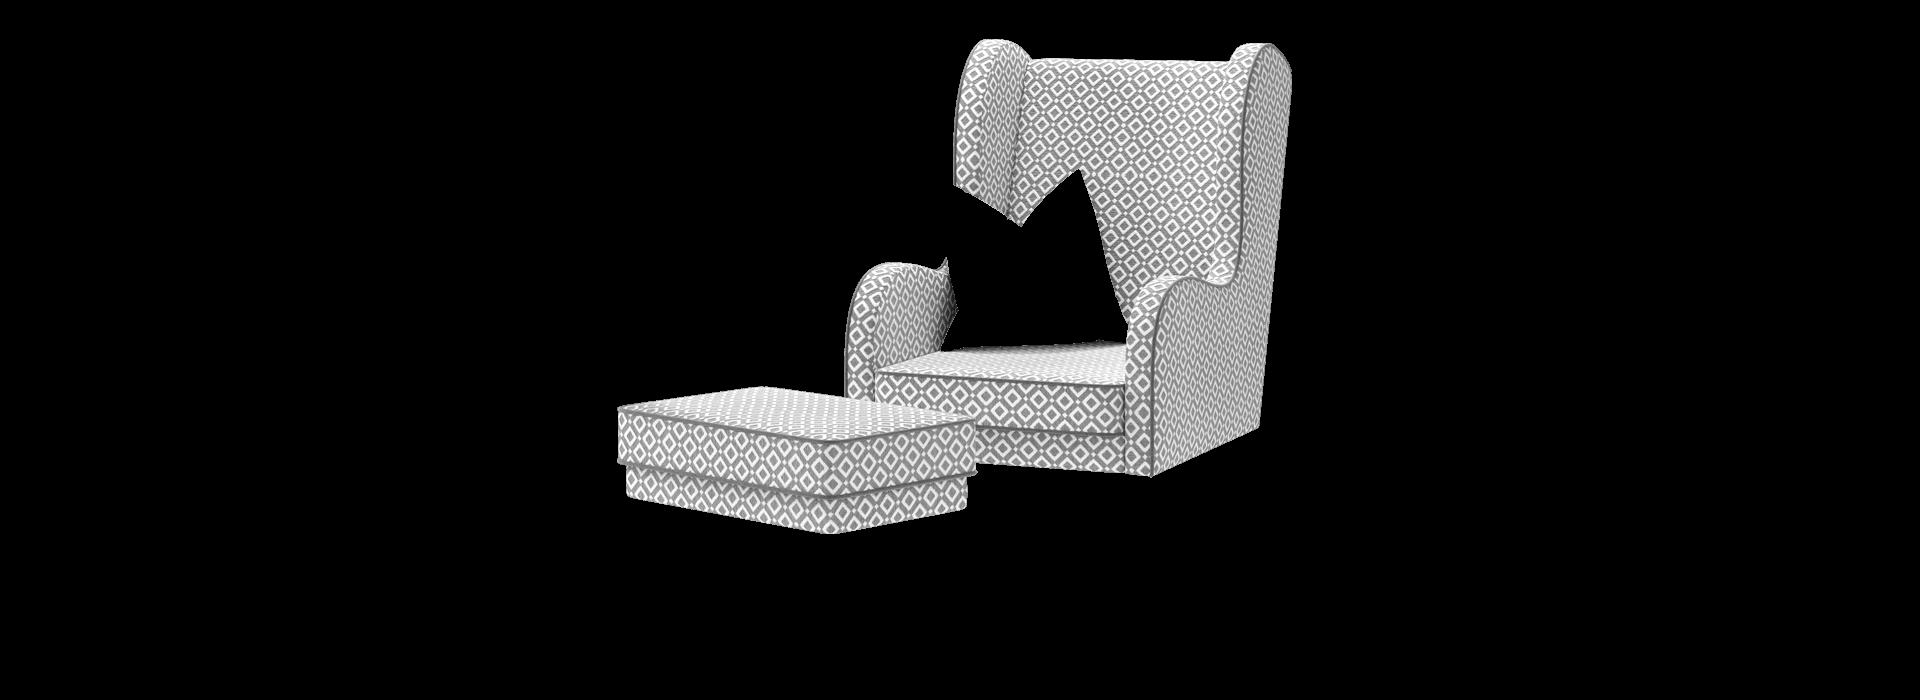 Мирта A кресло - маска 3